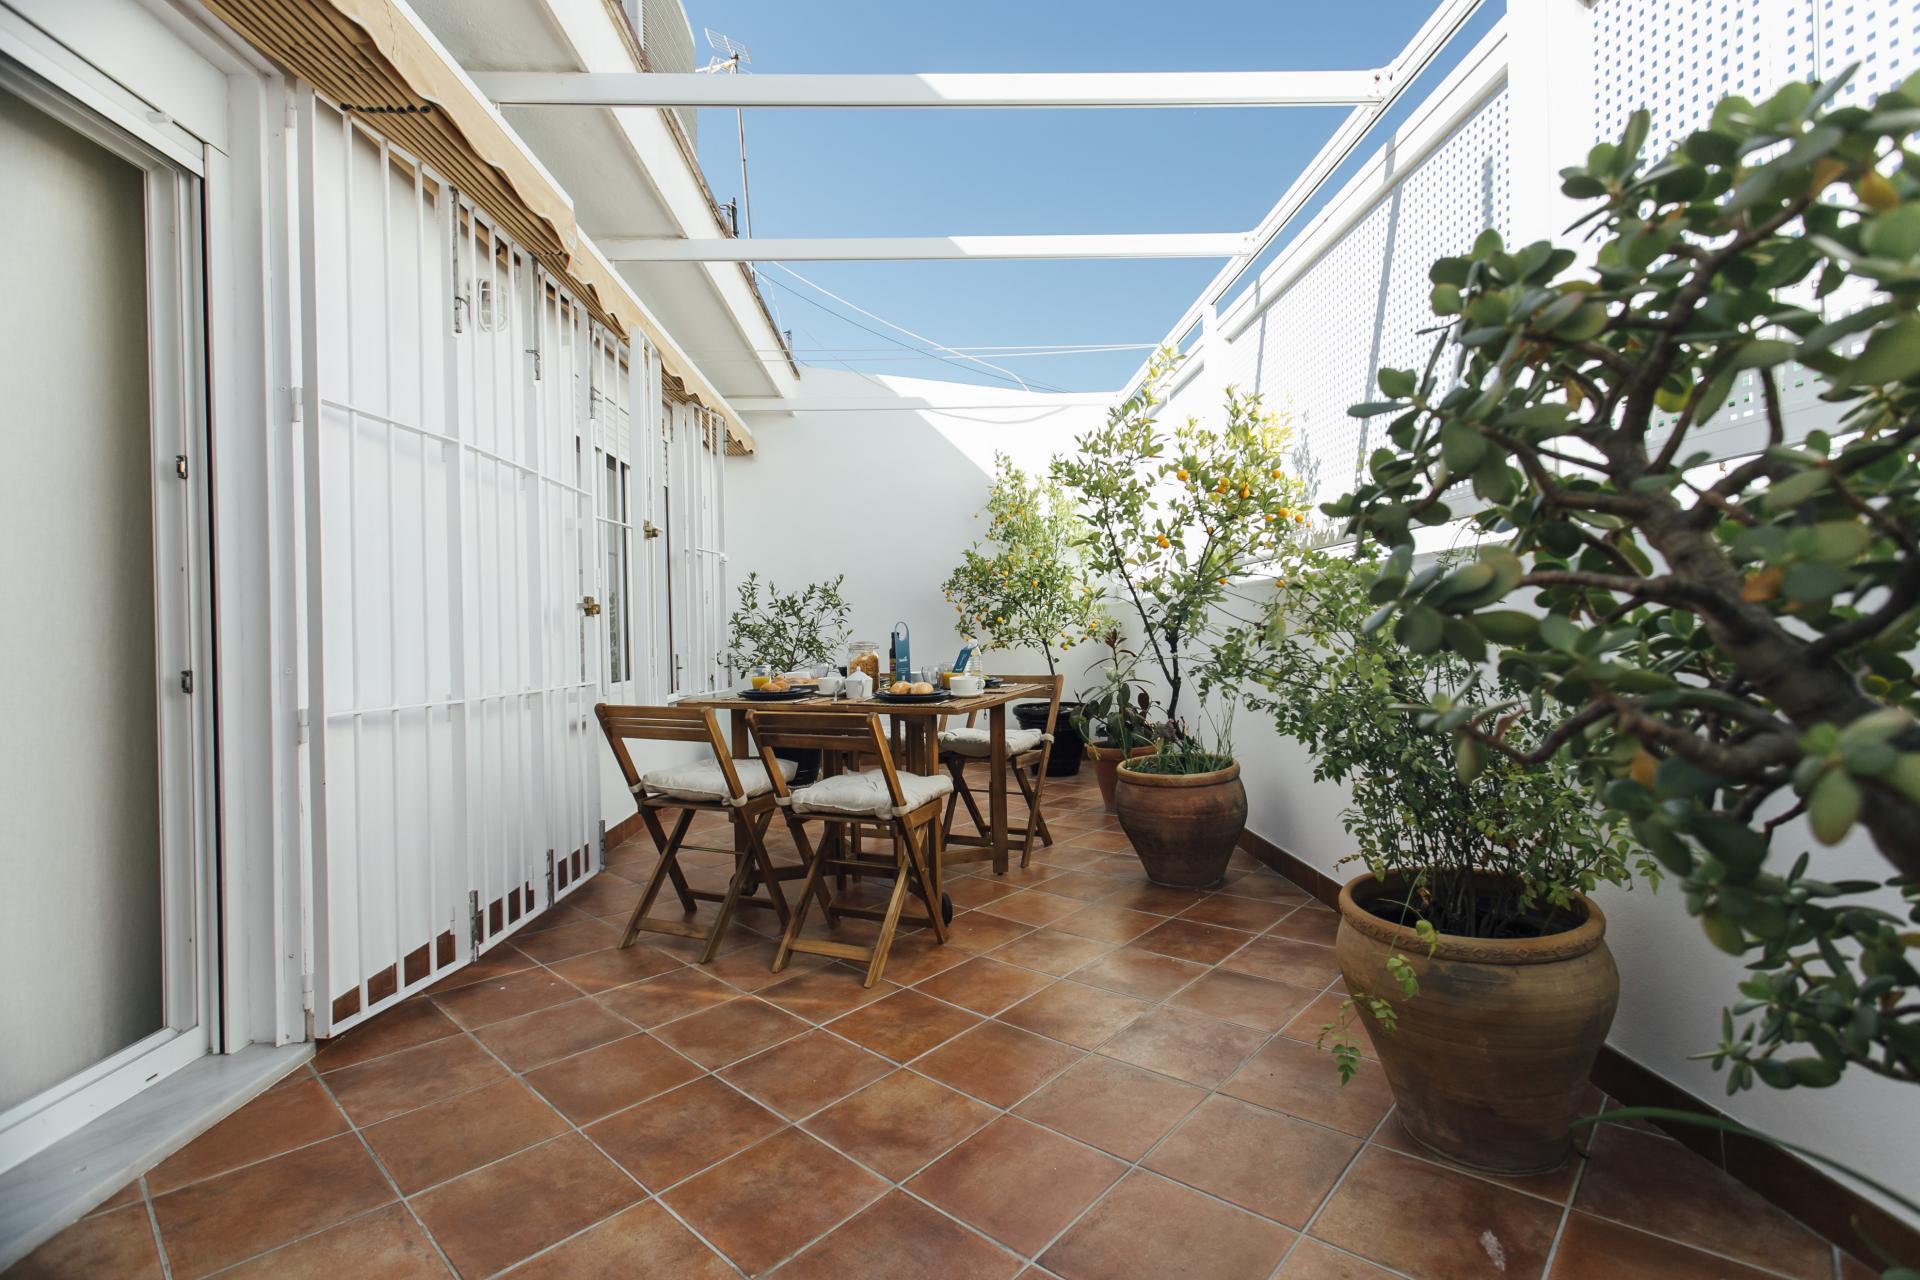 Balcony at Arjona Apartment, Centre, Seville